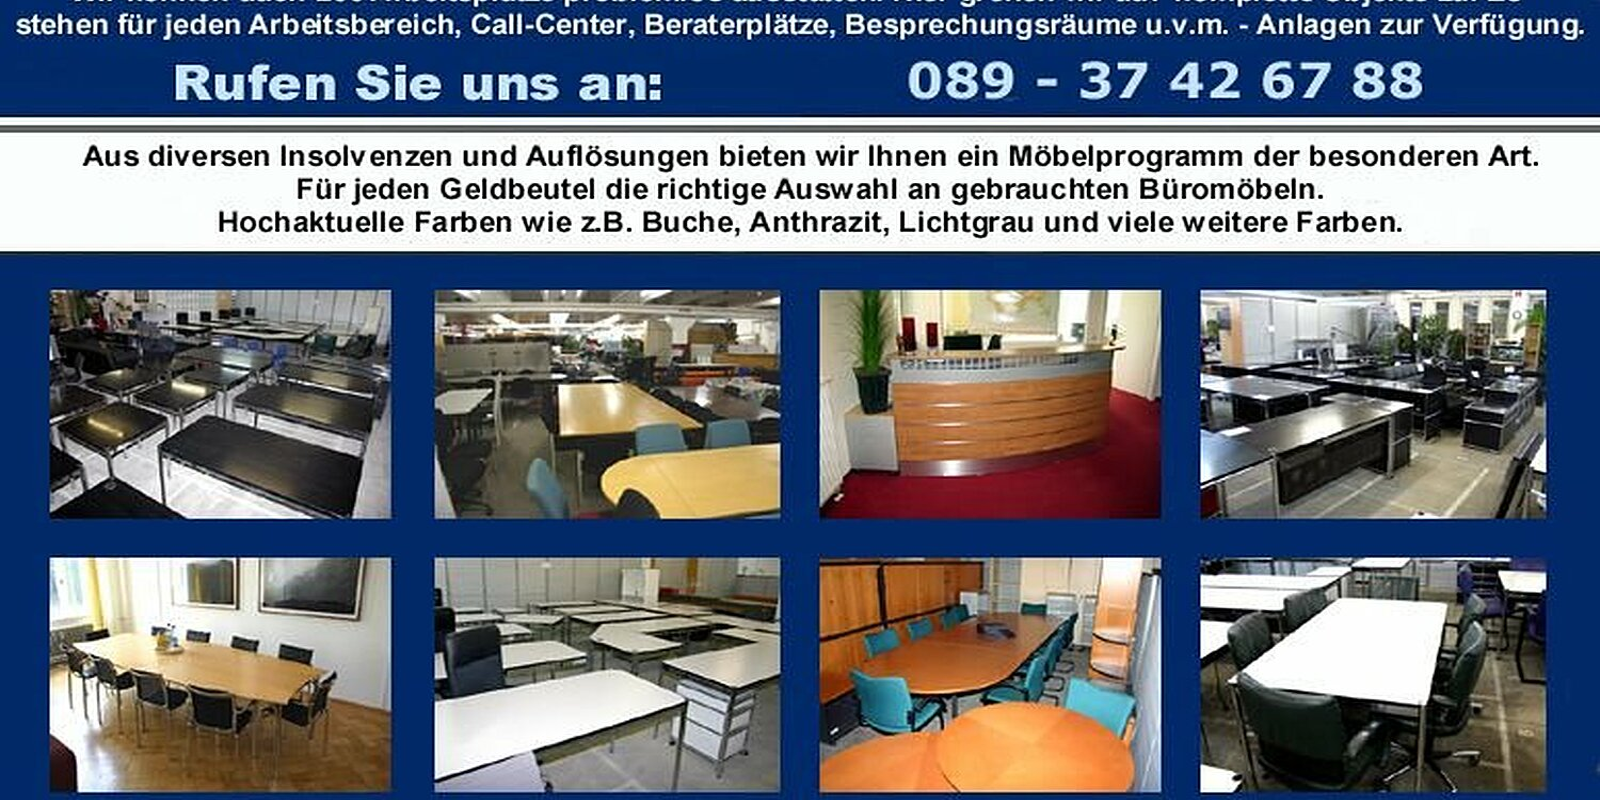 Großzügig Toptec Büromöbel Galerie - Heimat Ideen ...